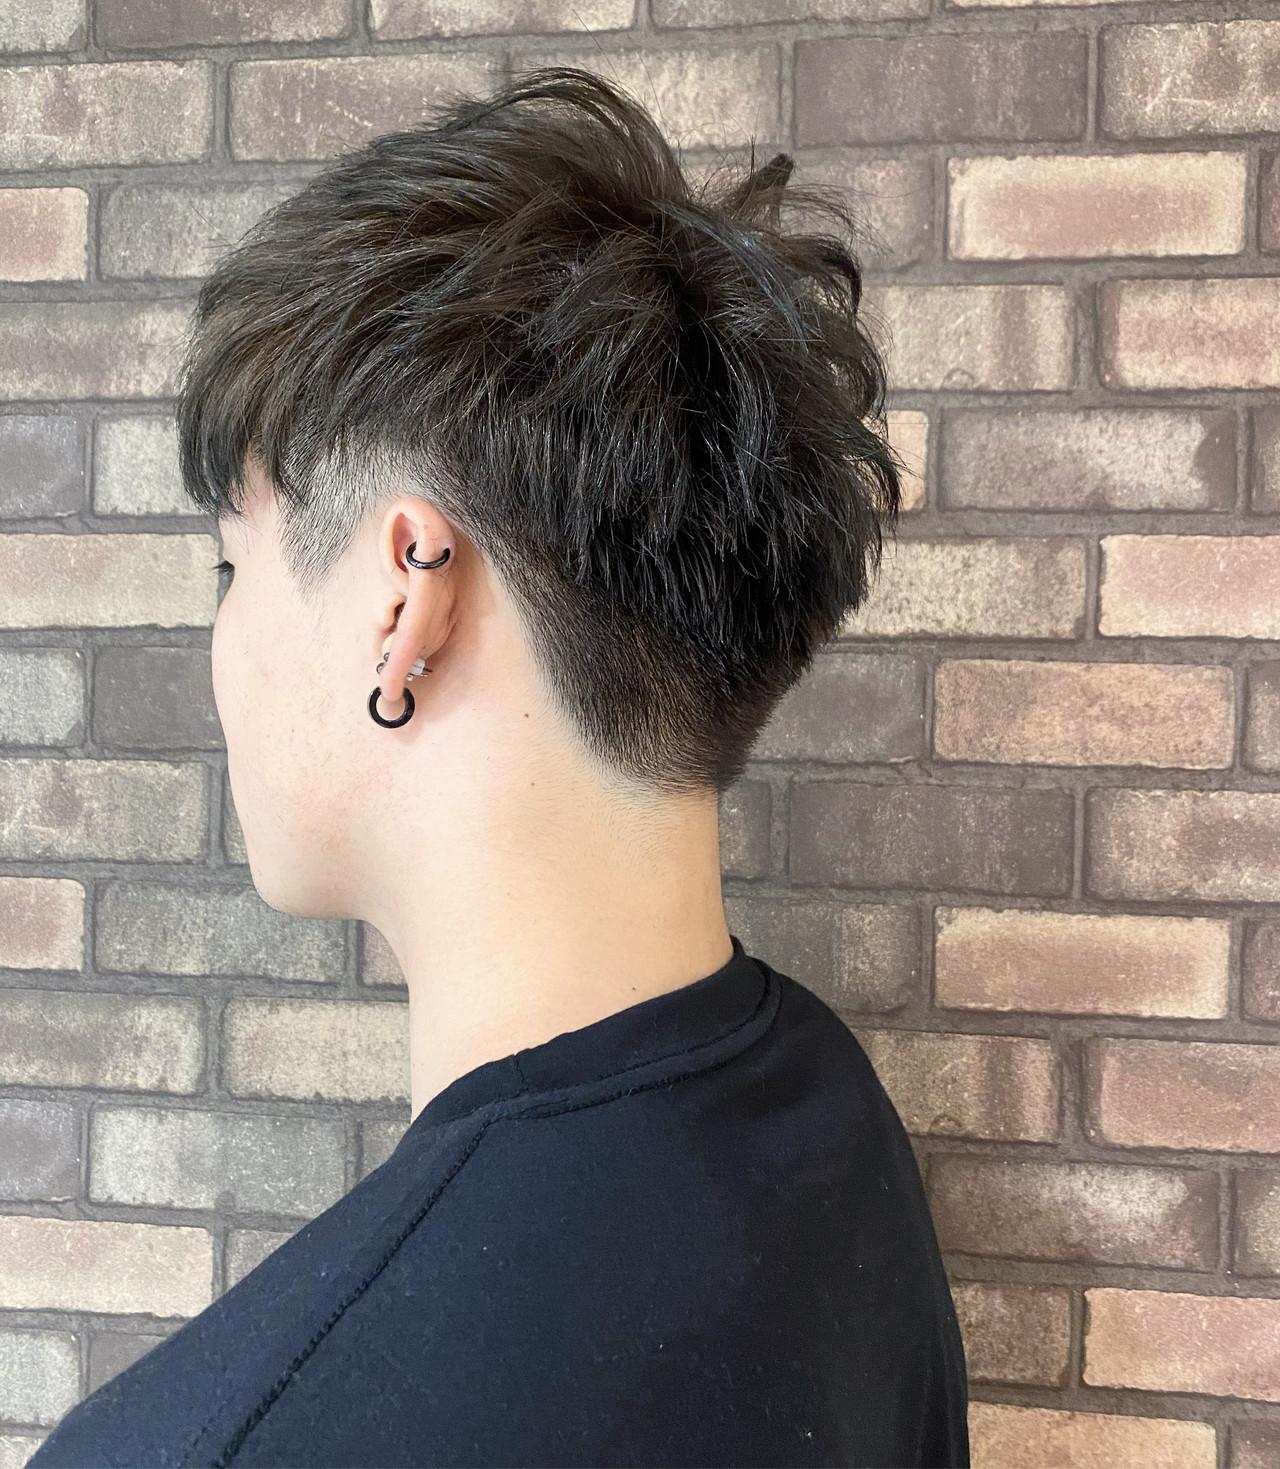 イルミナカラー メンズショート ツーブロック ショート ヘアスタイルや髪型の写真・画像